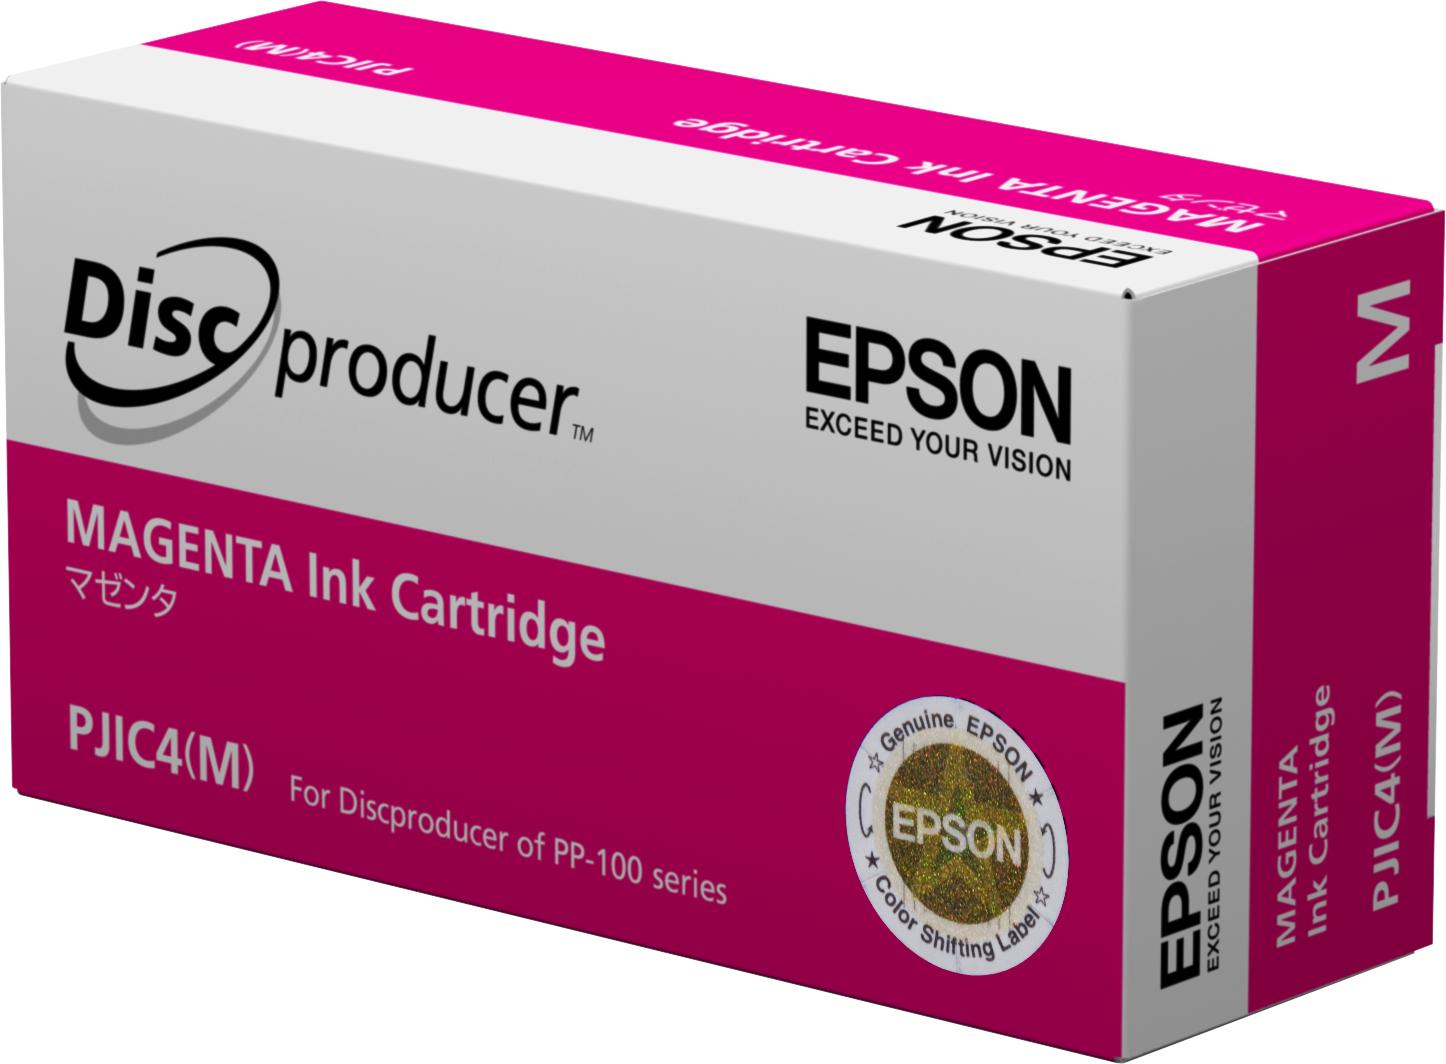 Epson Cartucho Discproducer magenta (cantidad mínima=10)